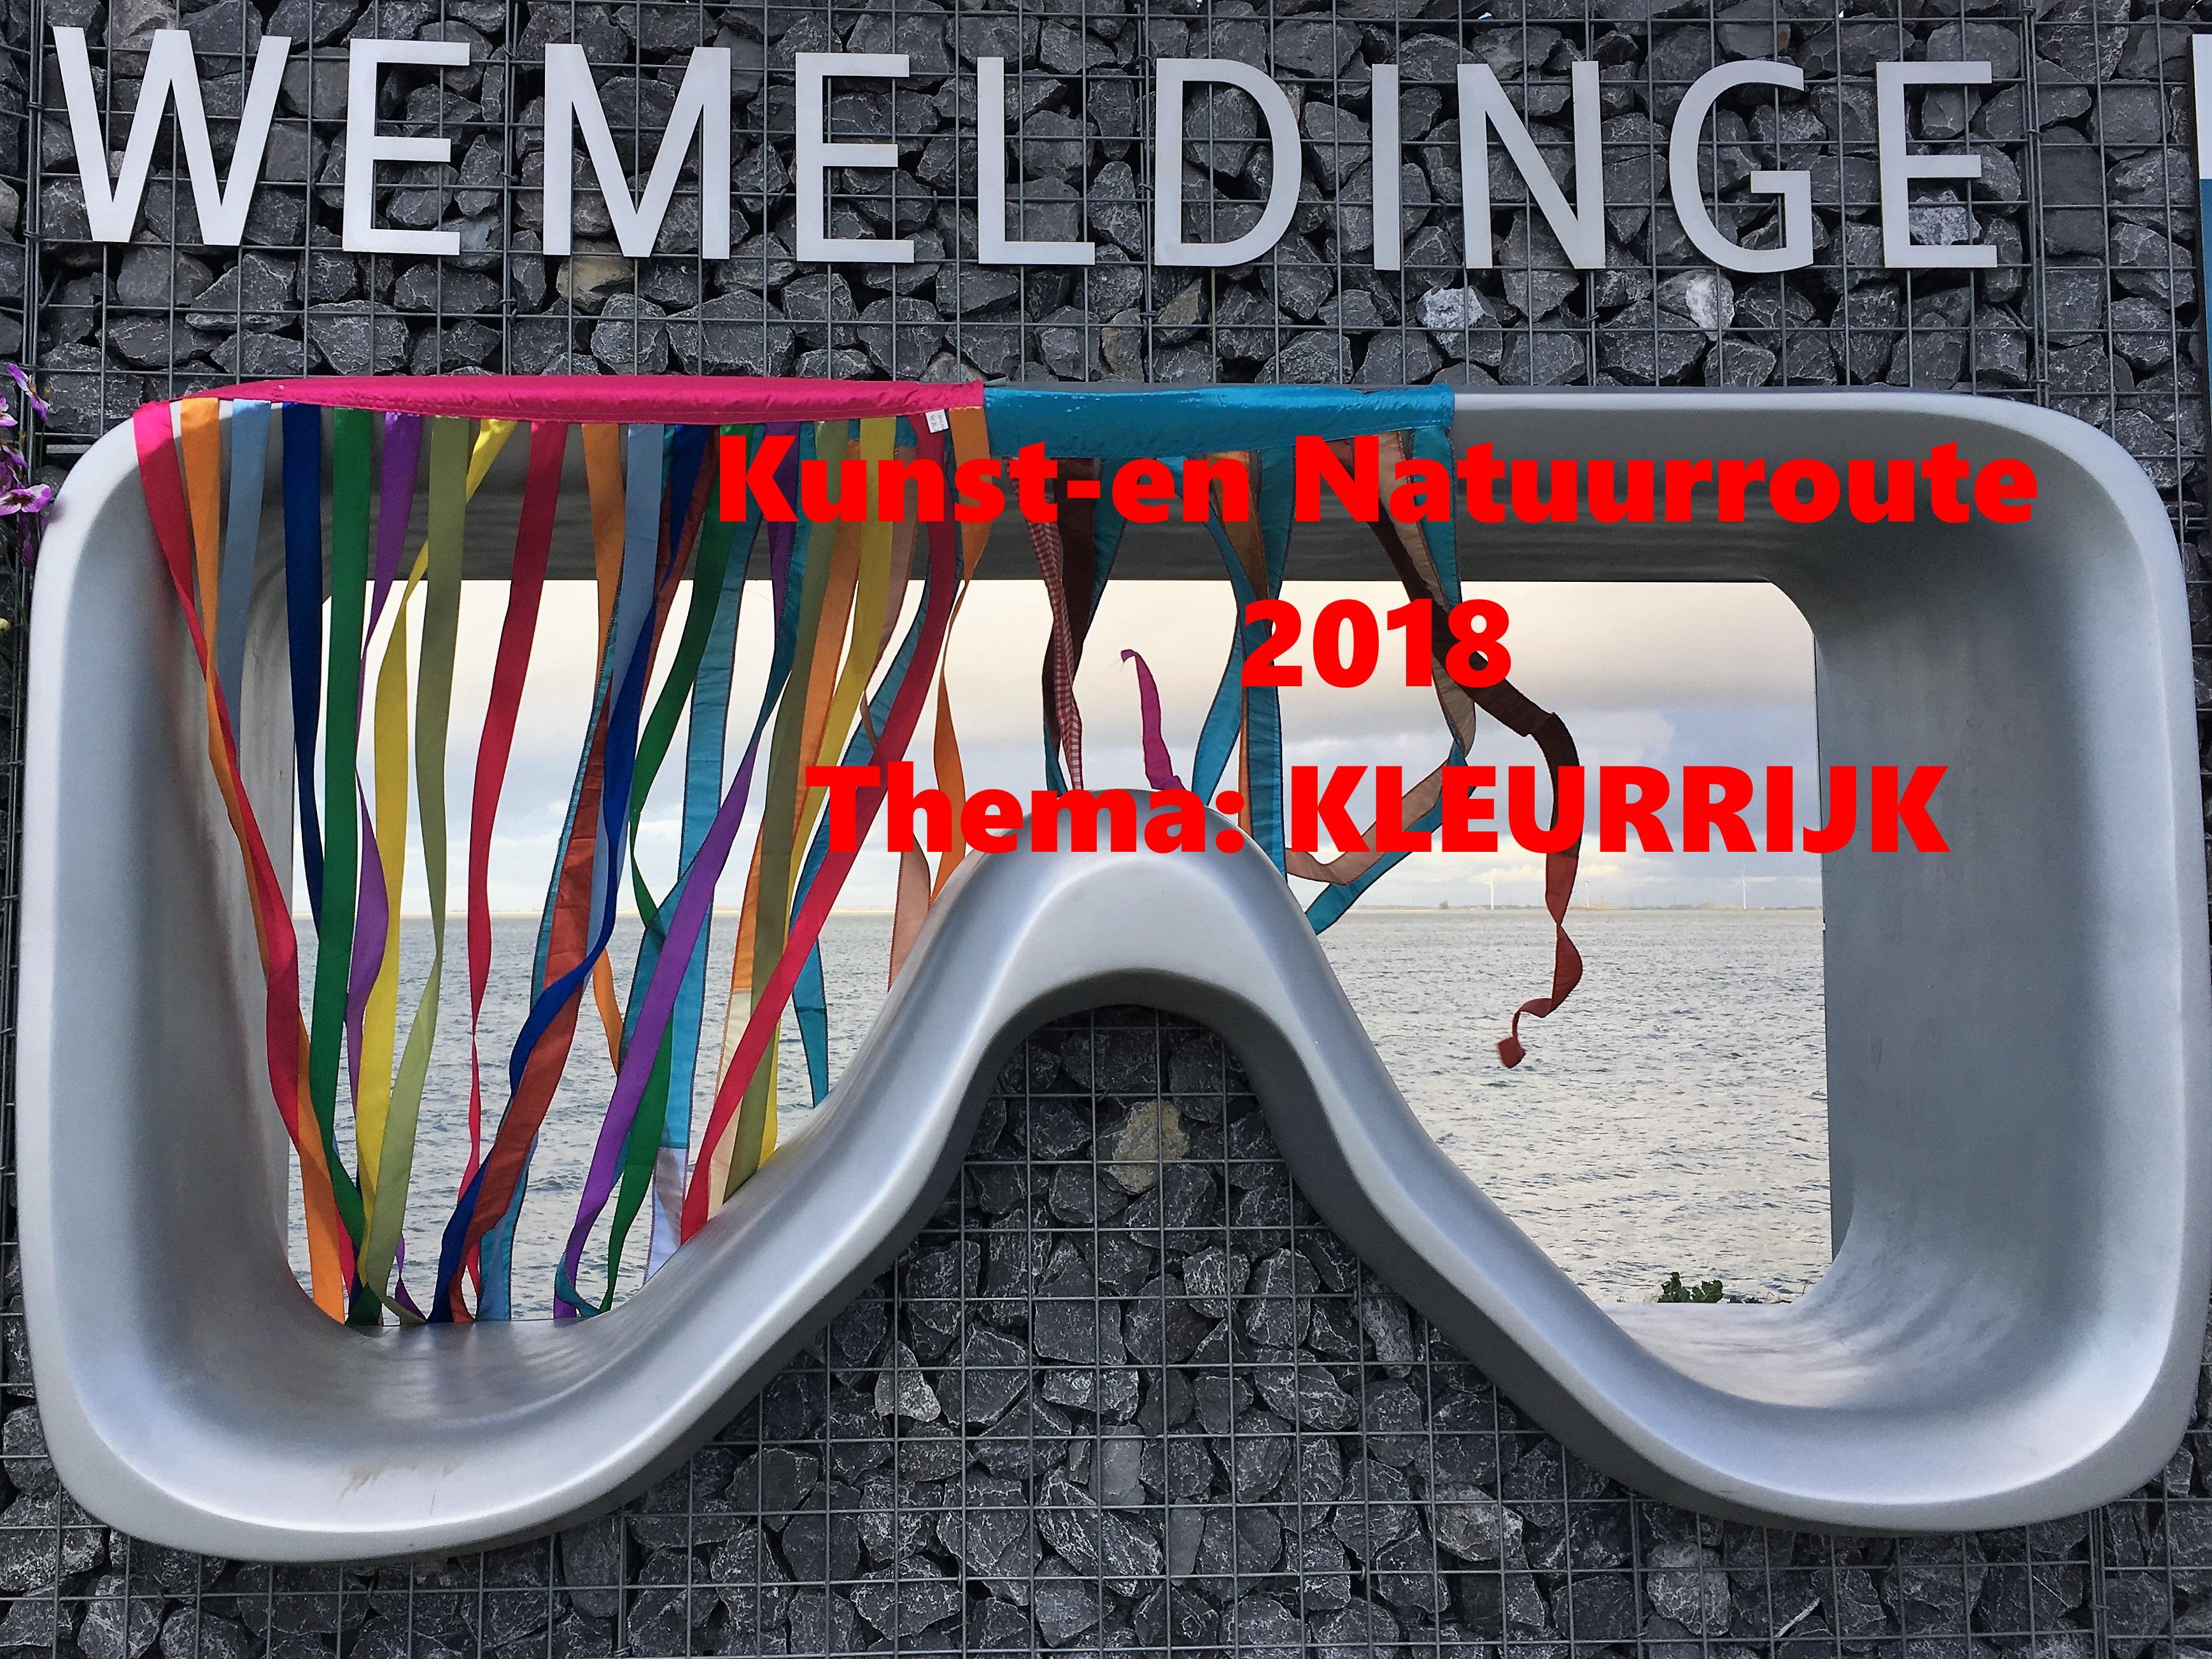 Kunst- en Natuurroute Wemeldinge 2018